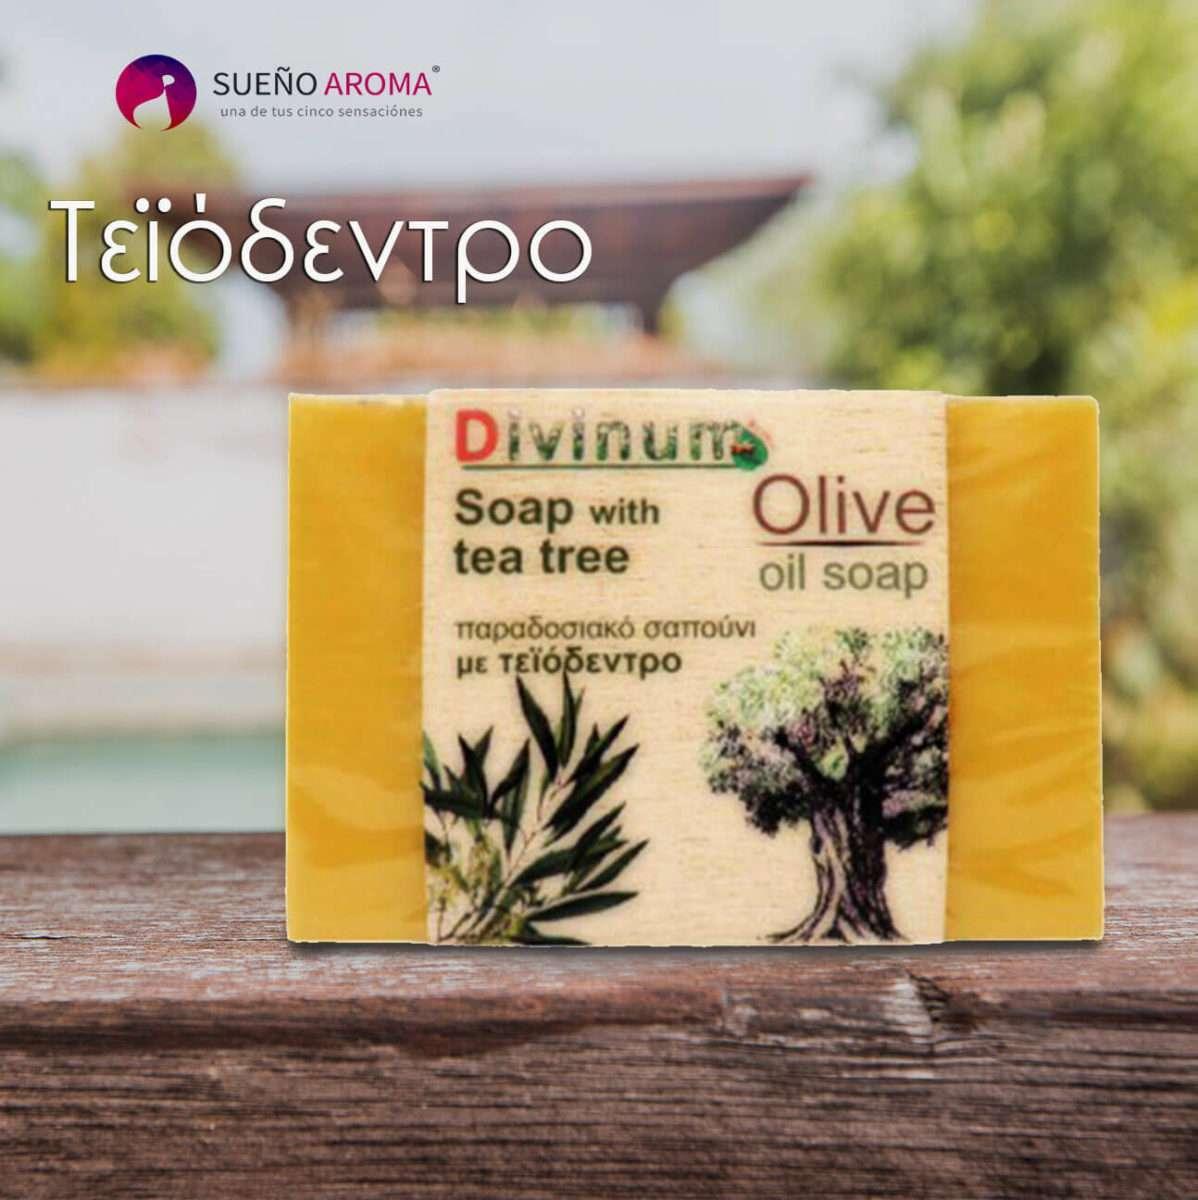 handmade soap olive oil tea tree divinum